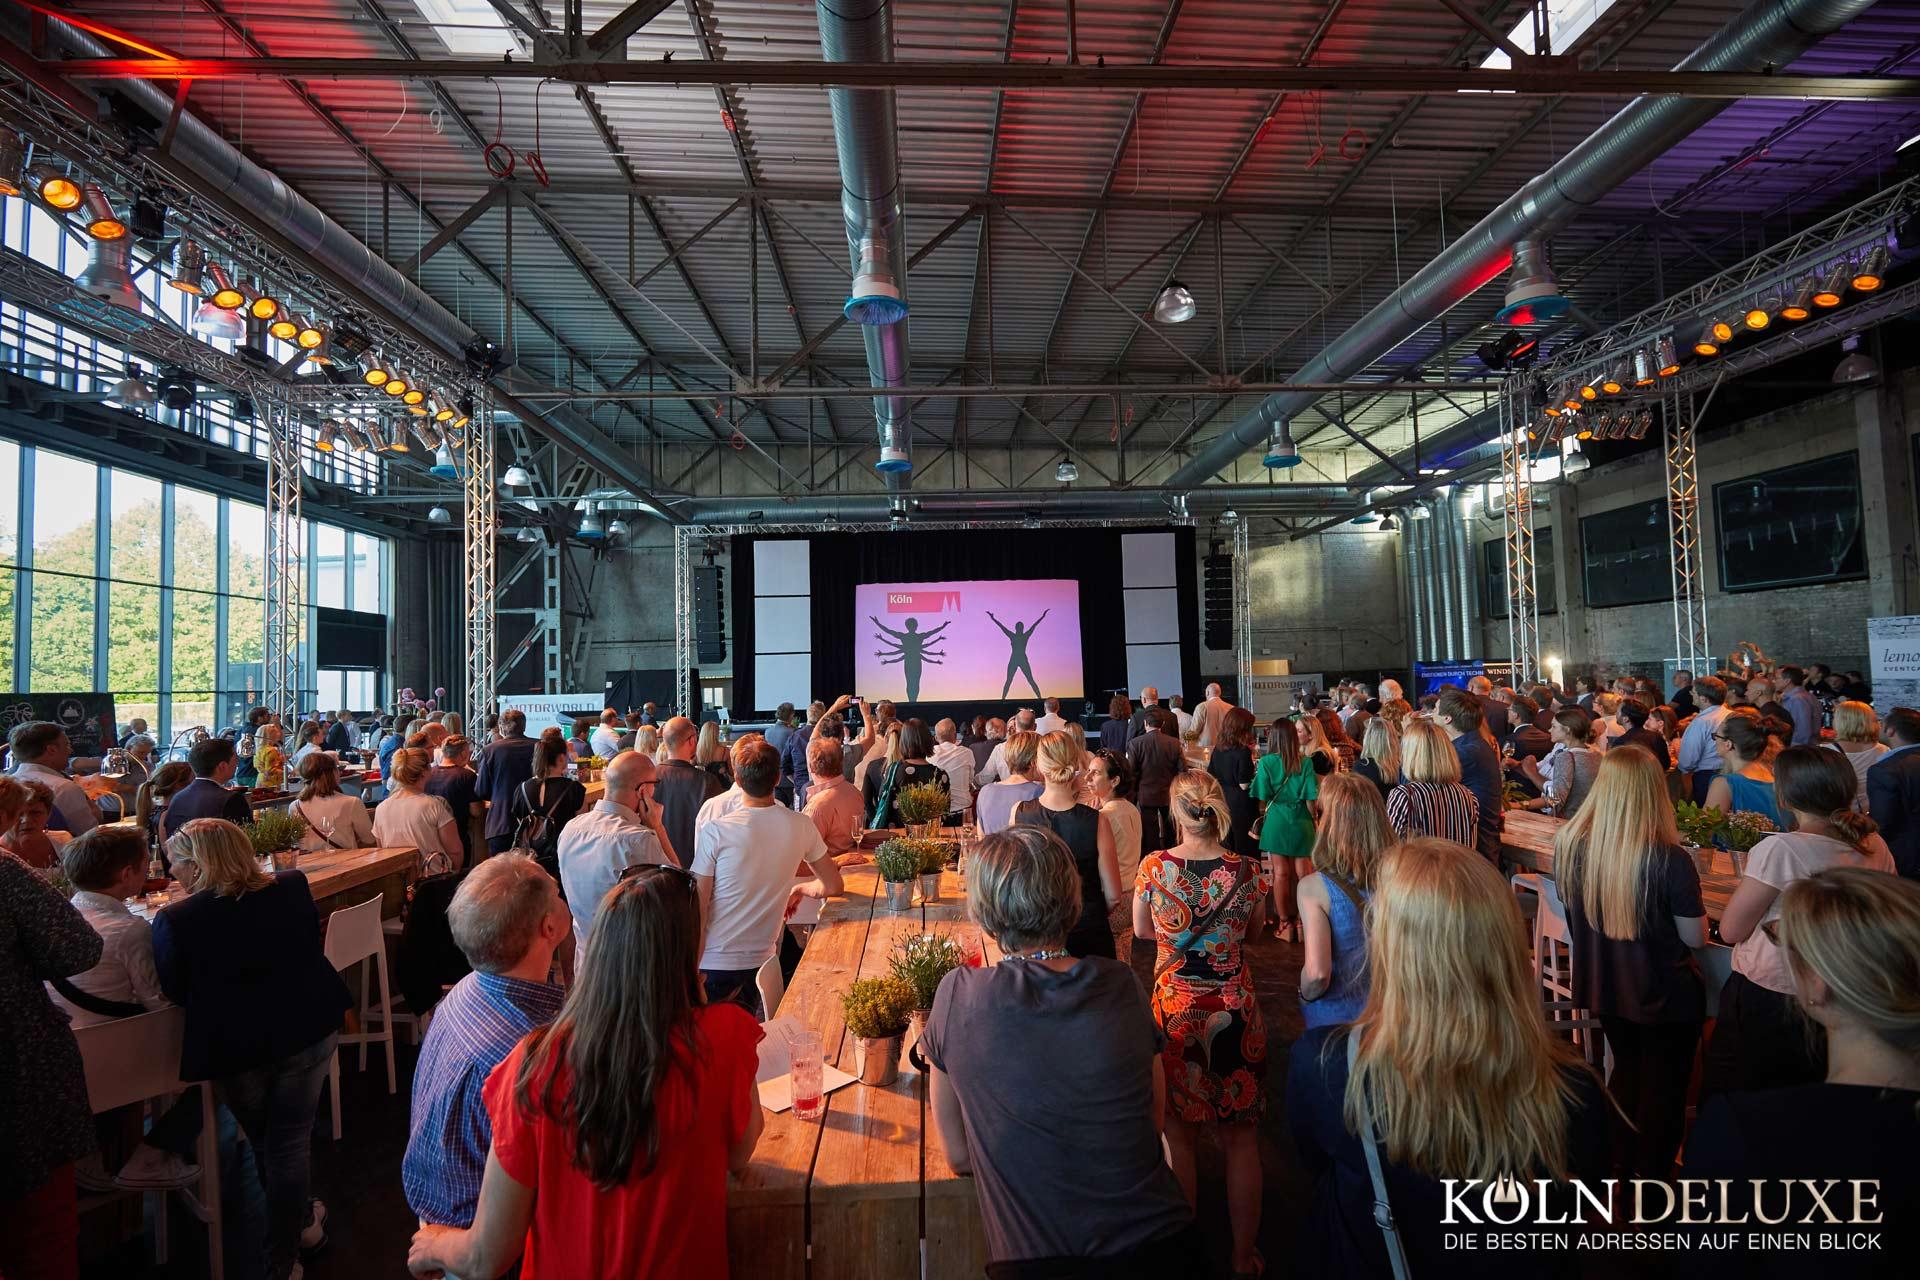 MOTORWORLD Köln: Pre-Opening zum Jubiläum des Cologne Convention Bureau